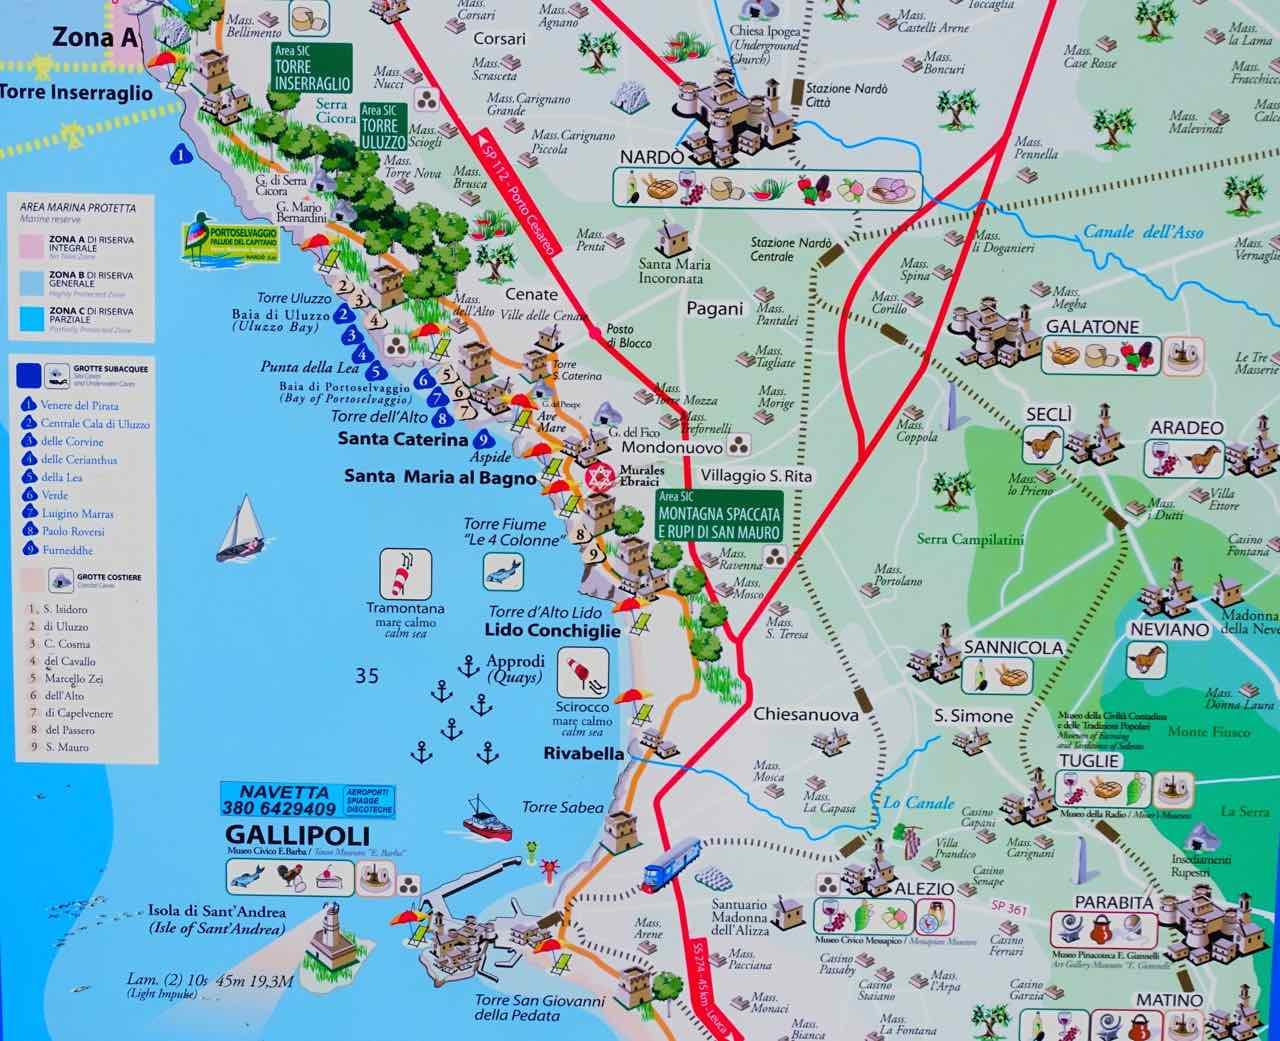 Karte Sardinien Strände.Apulien Strände Welches Ist Der Schönste Strand In Apulien